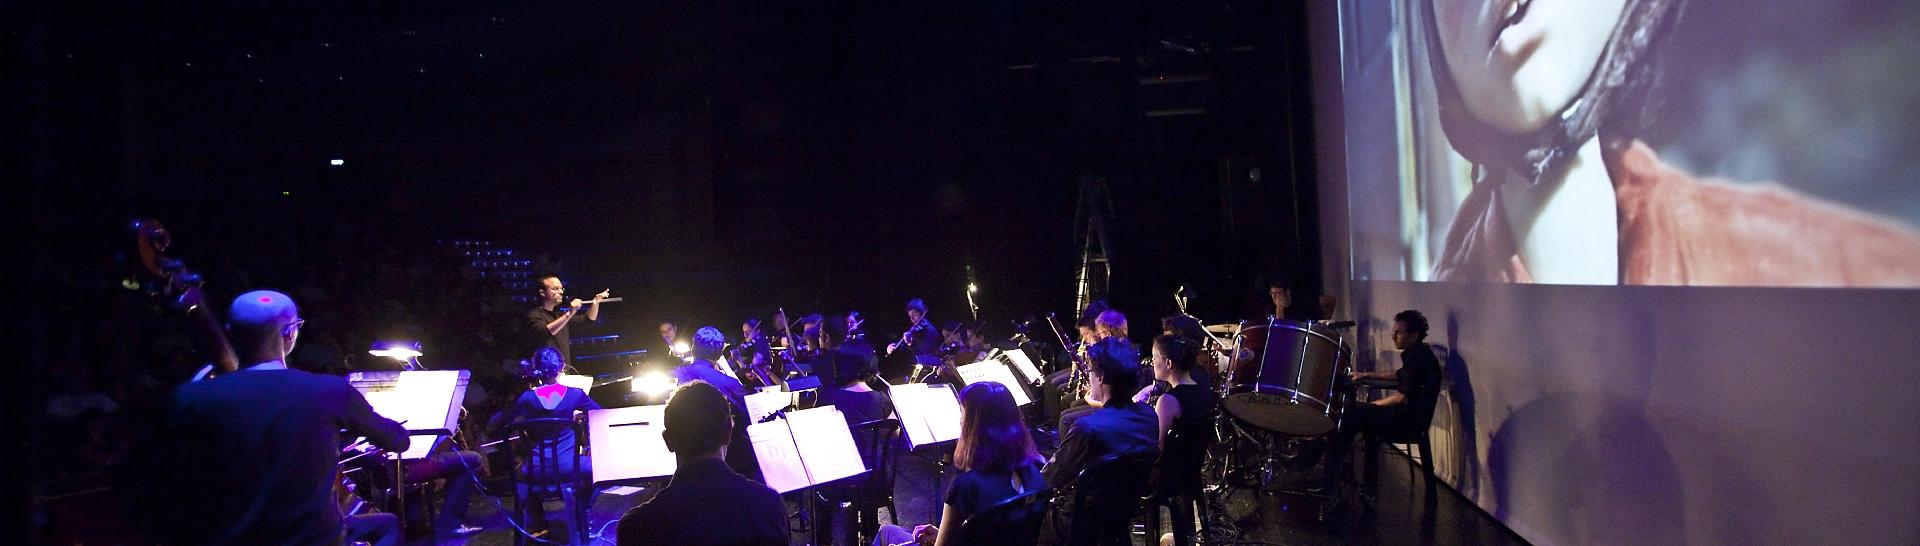 התזמורת חיה בסרט- תזמורת המהפכה